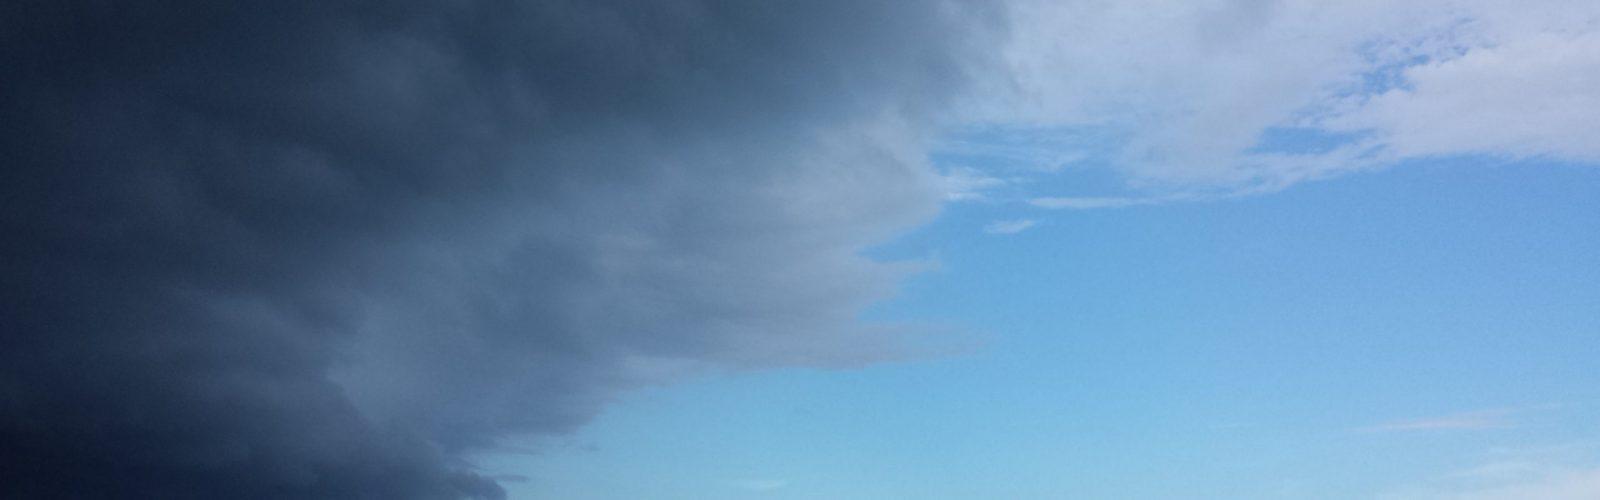 blue.storm